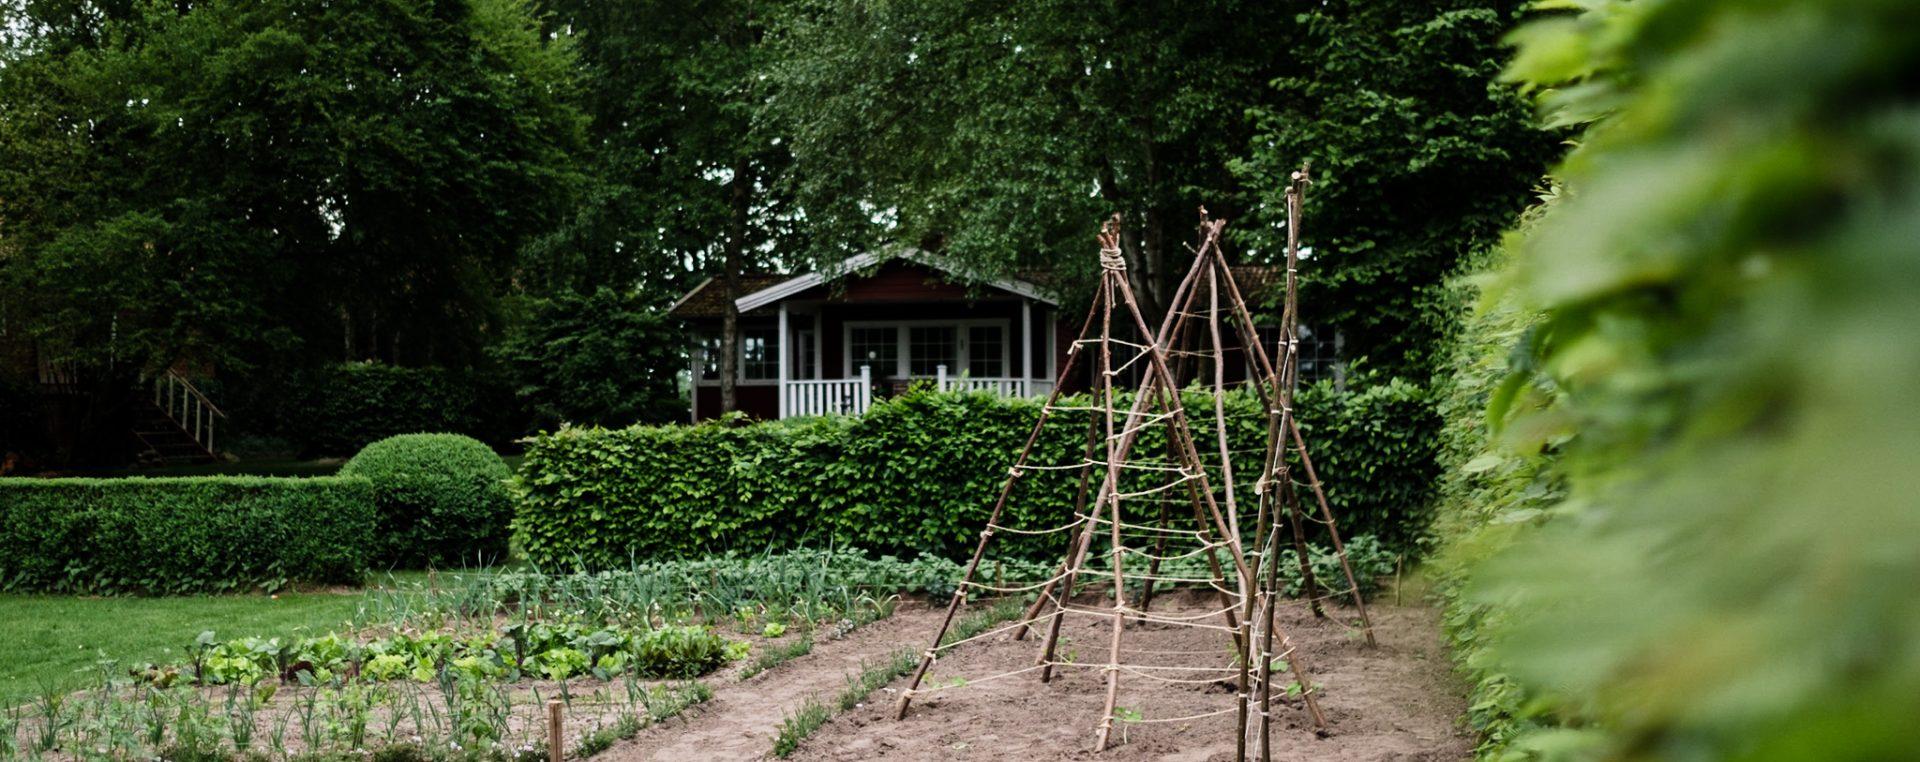 Gartengestaltung Teil 1 Garten Planen Osmers Garten